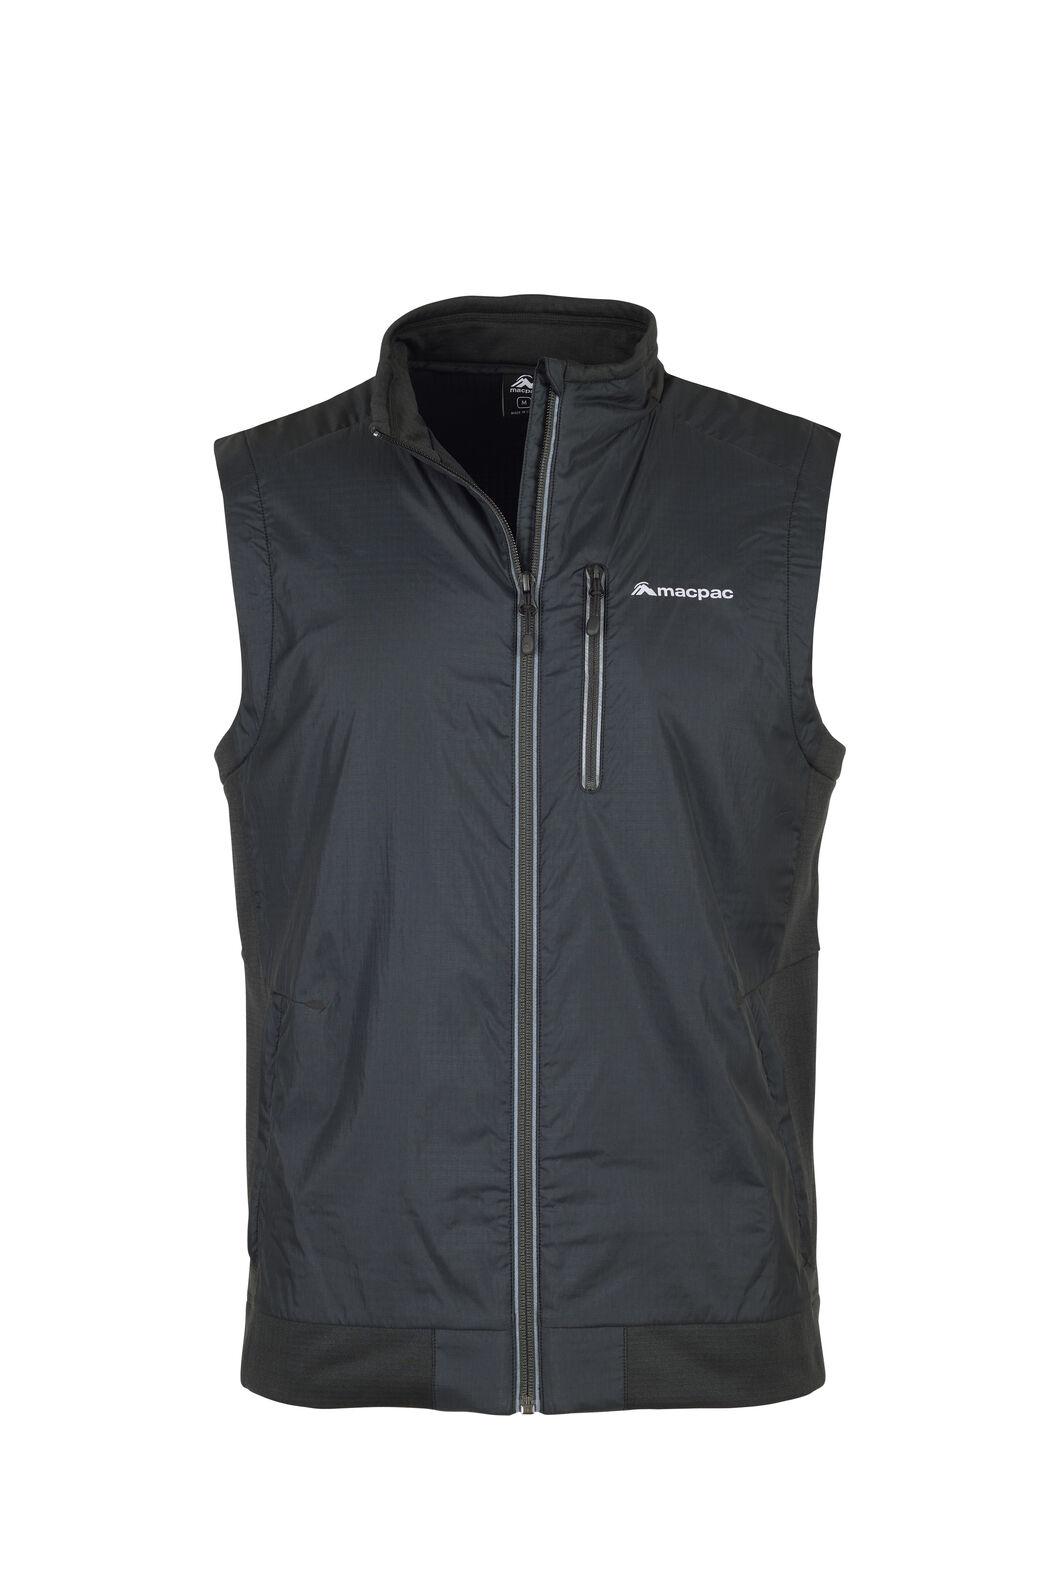 Macpac Saros Polartec® Alpha® Vest - Men's, Black, hi-res